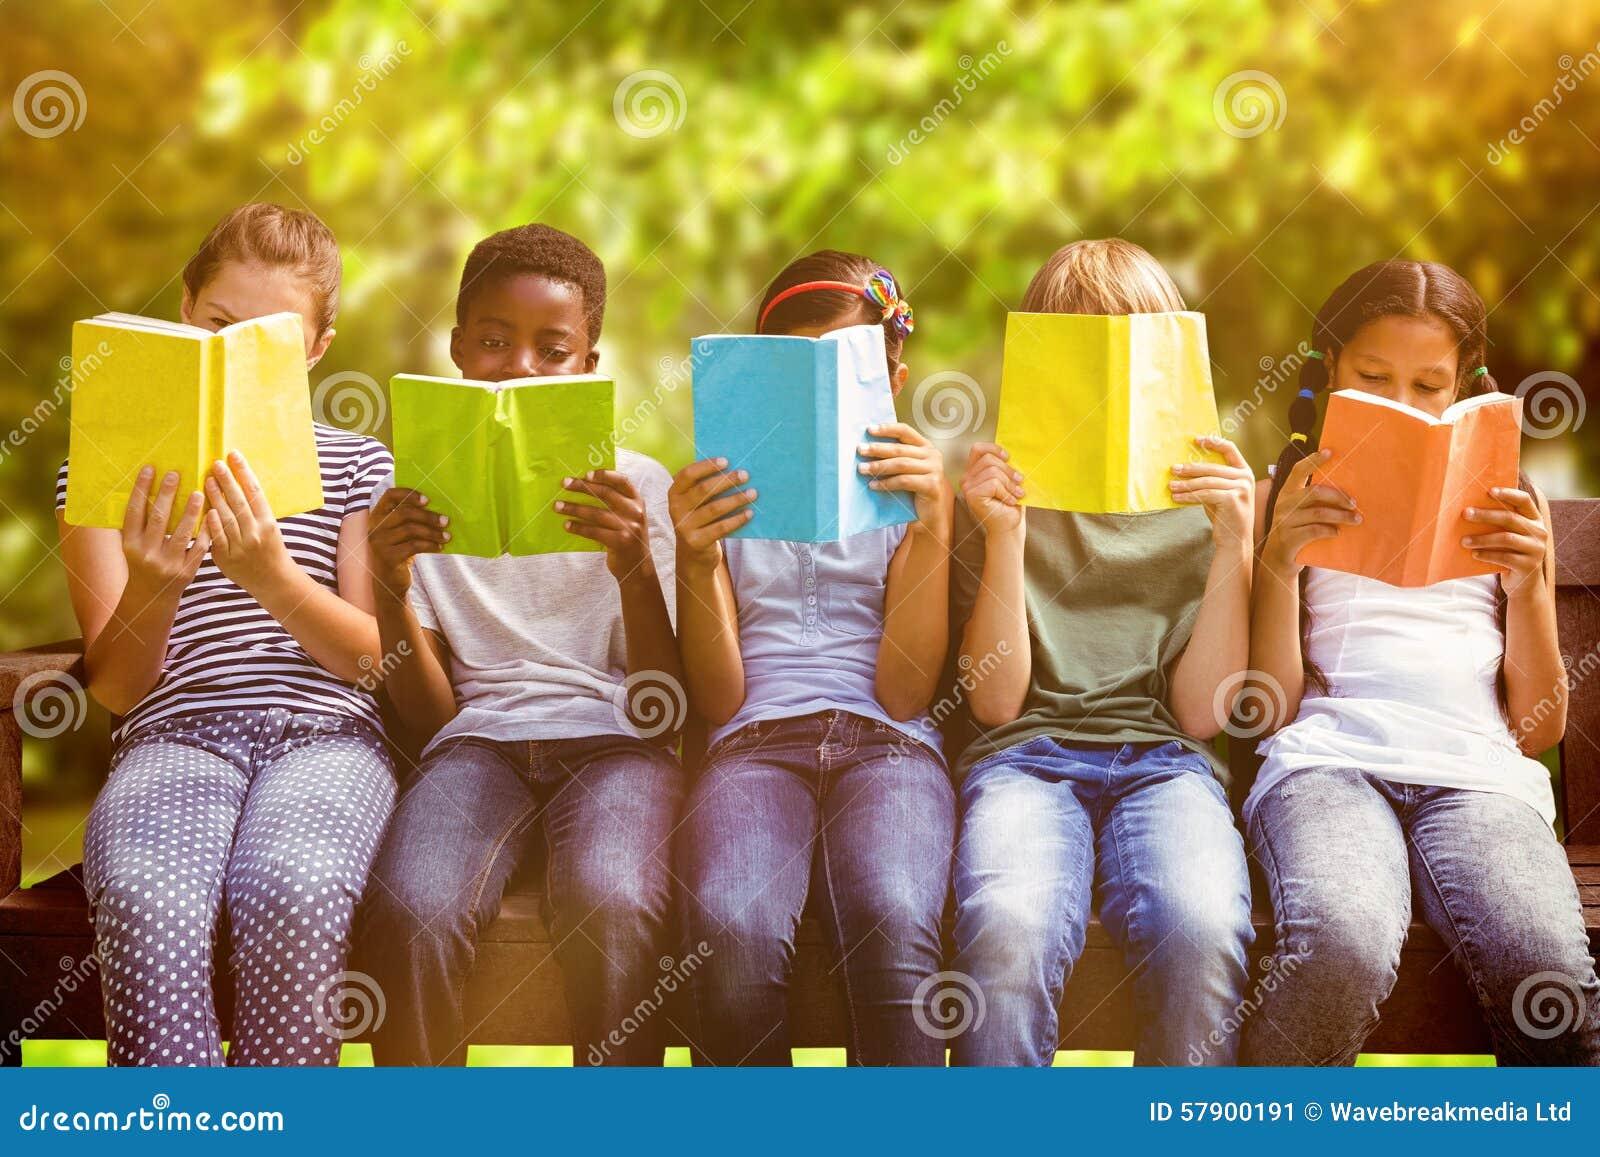 Samengesteld beeld van kinderen die boeken lezen bij park